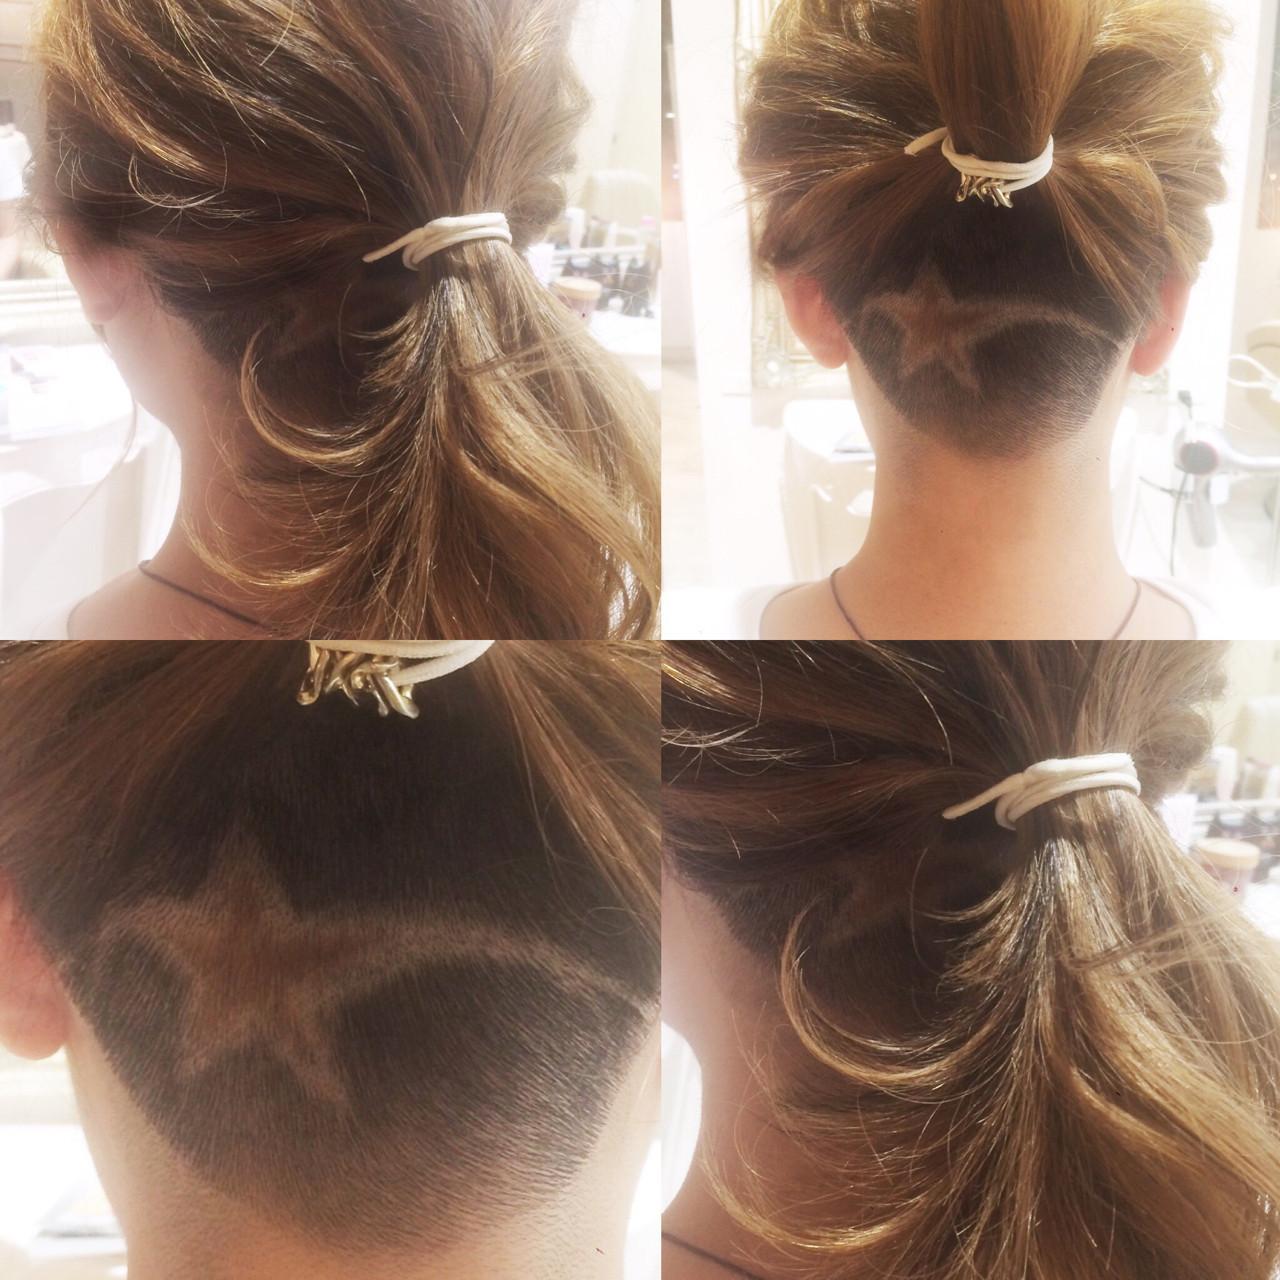 ポニーテール 刈り上げ ストリート セミロング ヘアスタイルや髪型の写真・画像